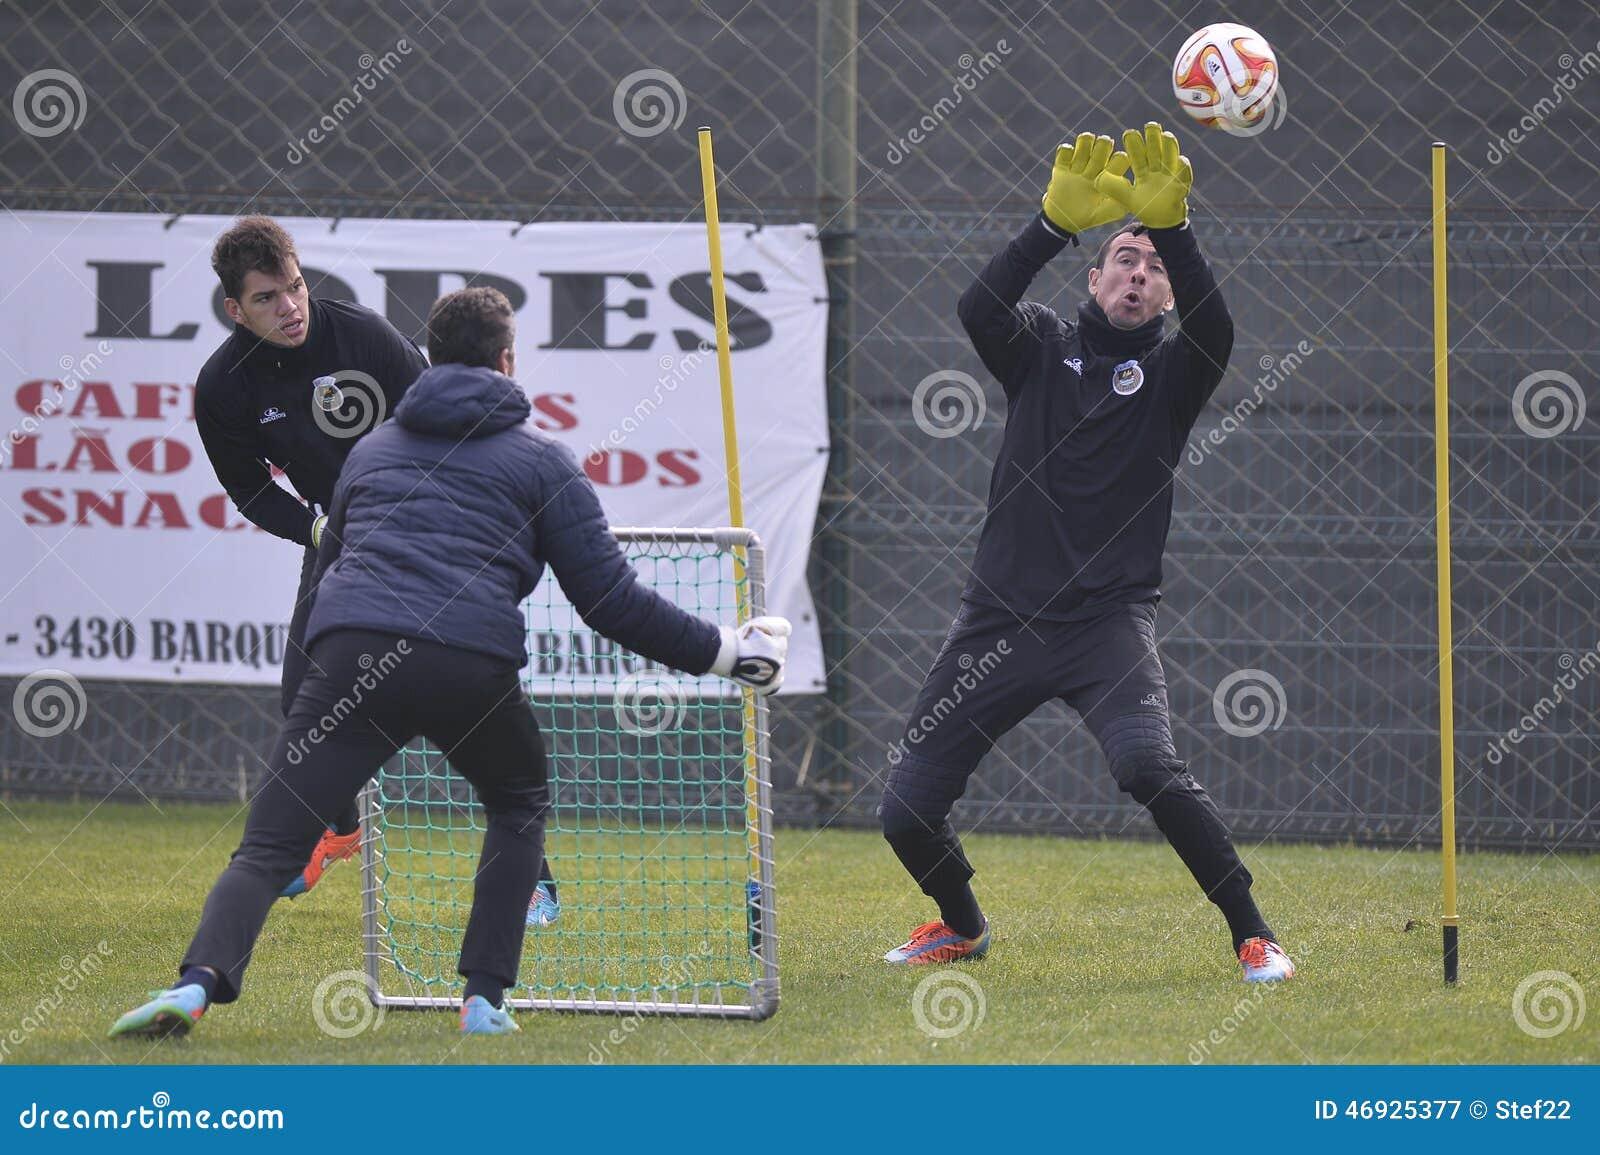 Soccer goalkeeper training session